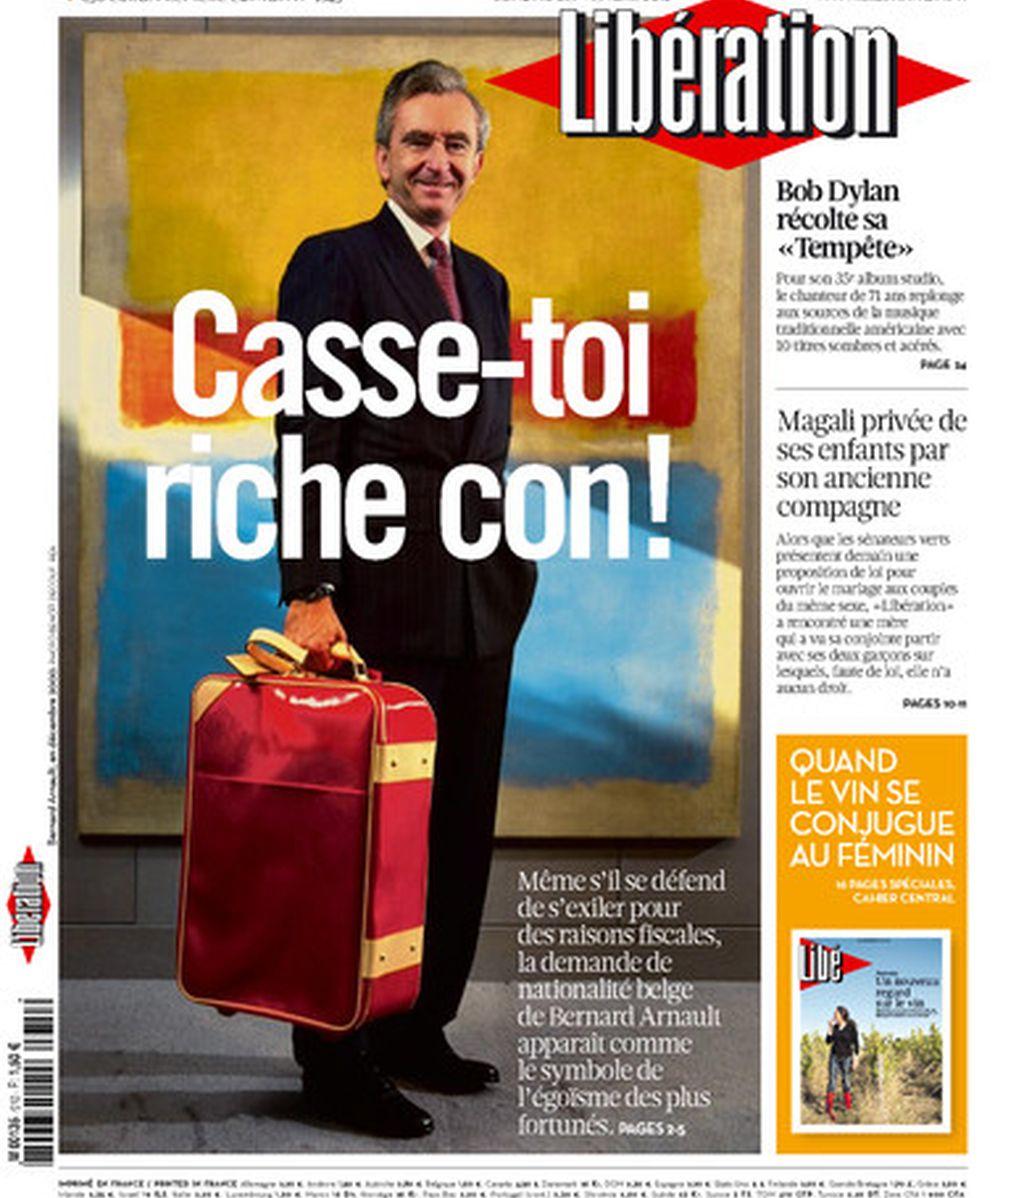 ¡Largate: rico gilipollas! Liberation le dedica una portada al hombre más rico de Francia Bernard Arnault tras conocerse que pide la nacionalidad belga